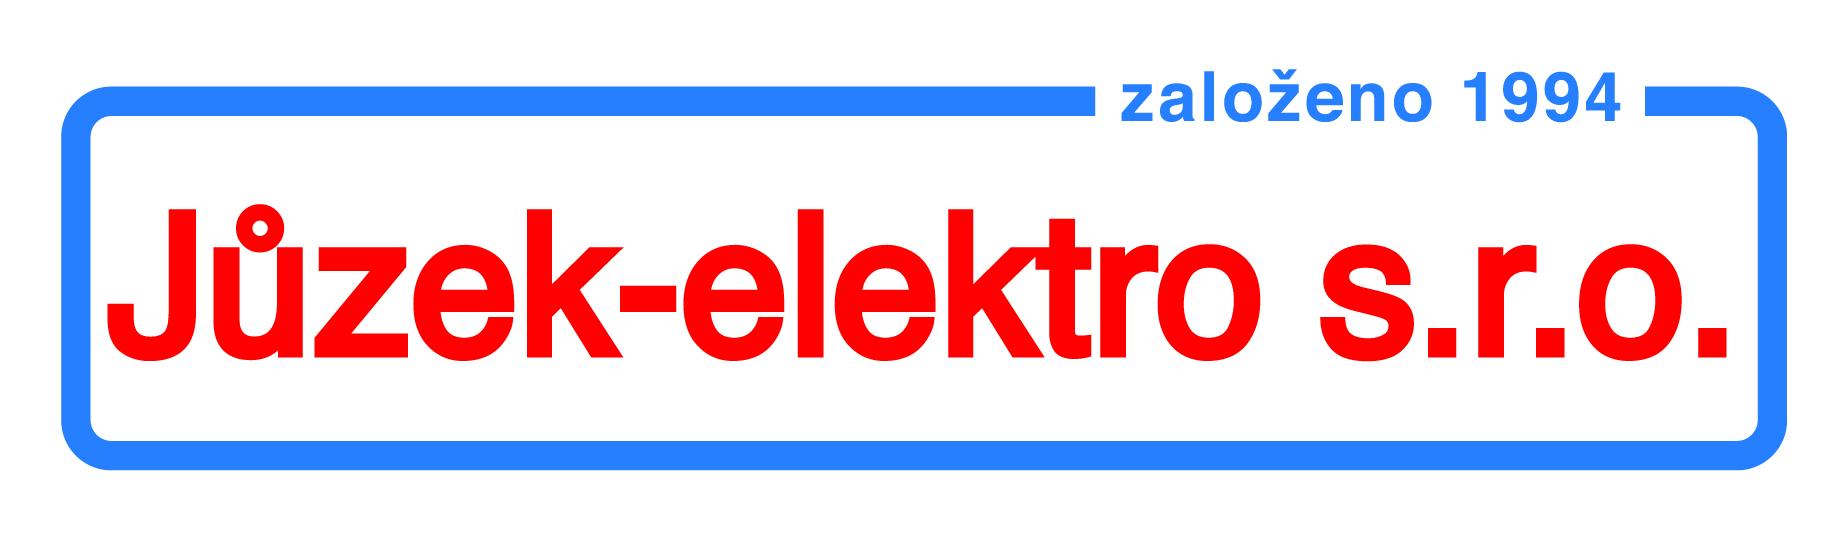 Jůzek-elektro s.r.o. - Montážní partner Jablotron Alarms